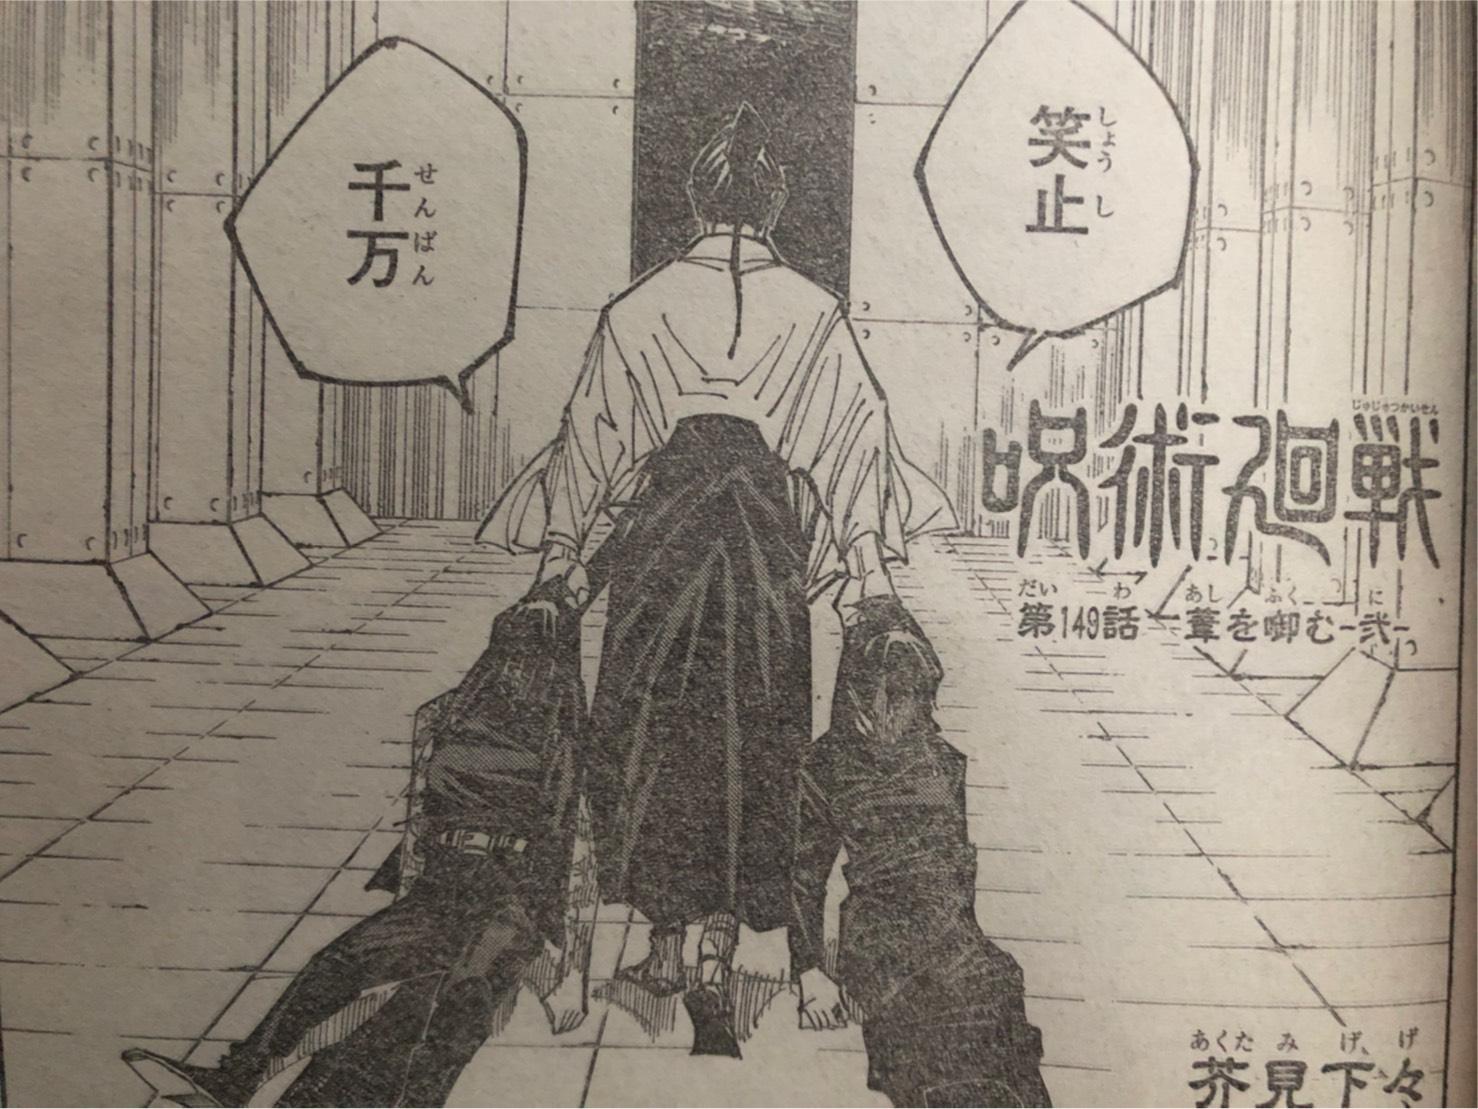 149話 ジャンプ速報 鬼滅の刃 アニメ『鬼滅の刃』全エピソードあらすじ&場面カットまとめ! |